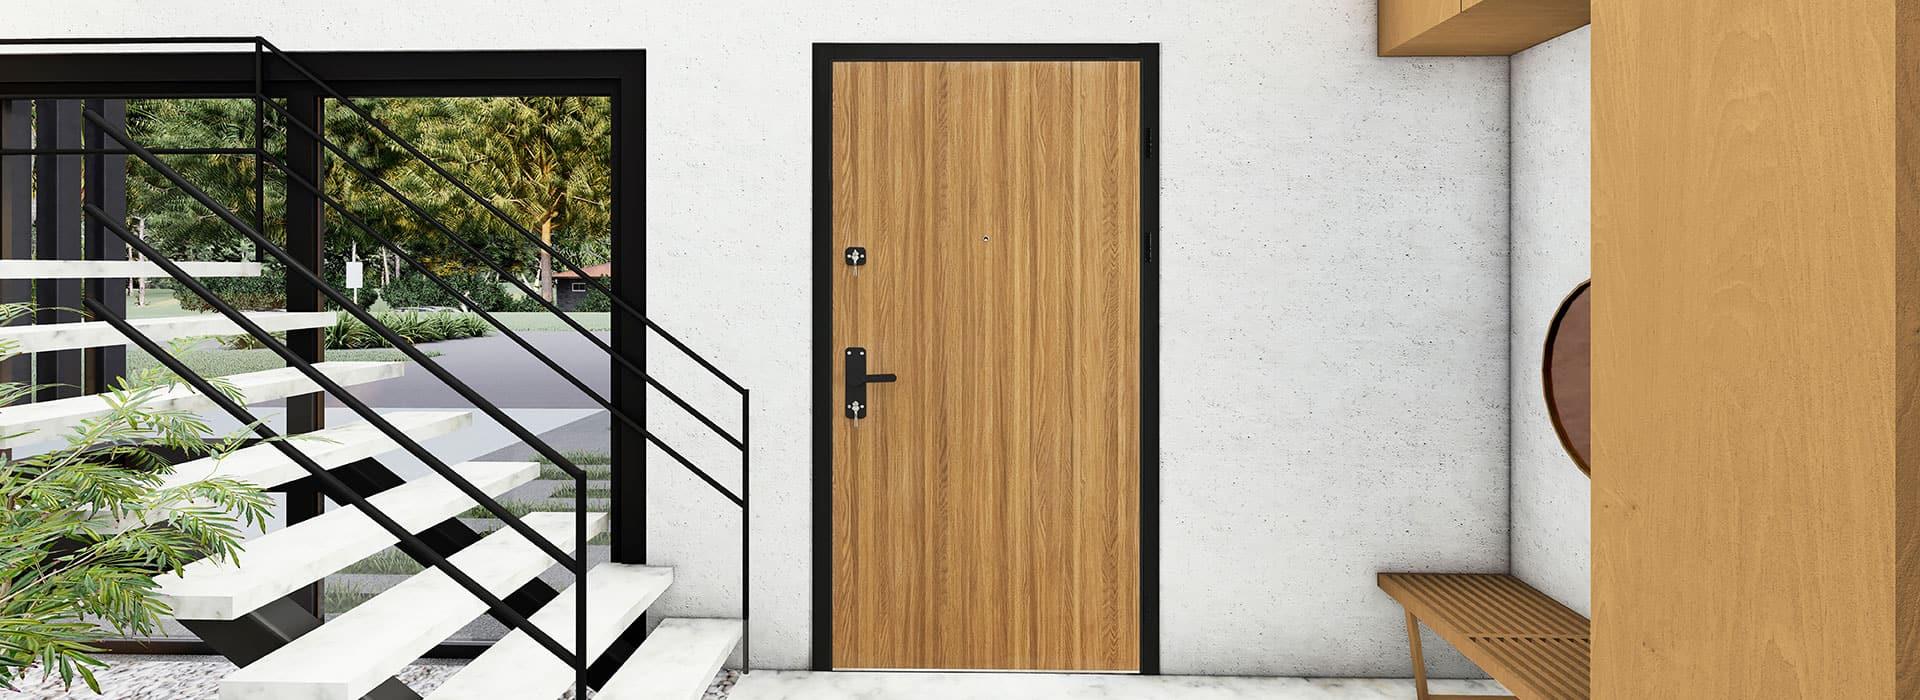 Steel Security Entrance Door Features